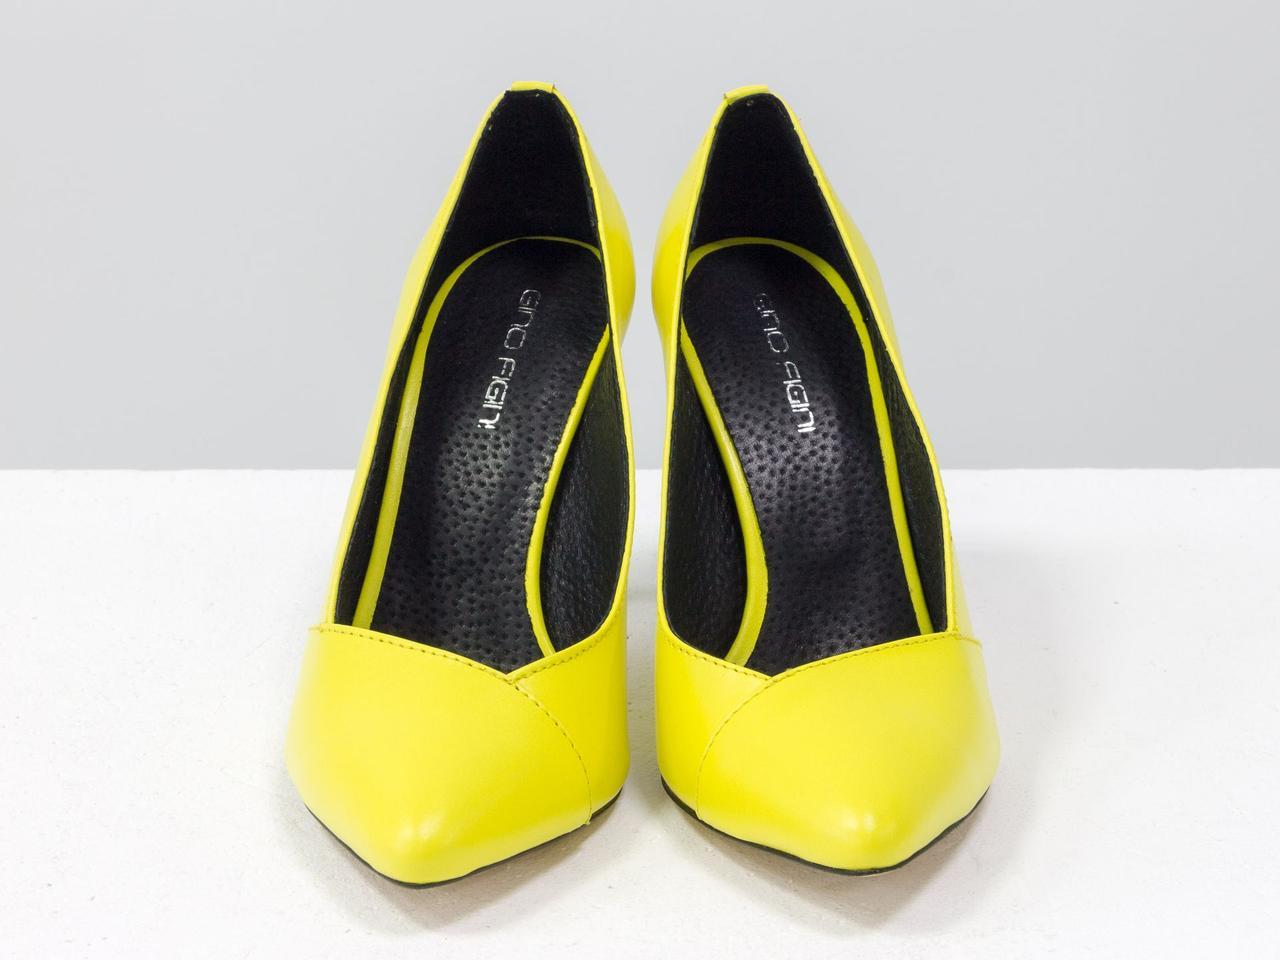 Туфли - лодочки на шпильке из натуральной кожи шикарного желтого цвета на черной кожаном подкладе